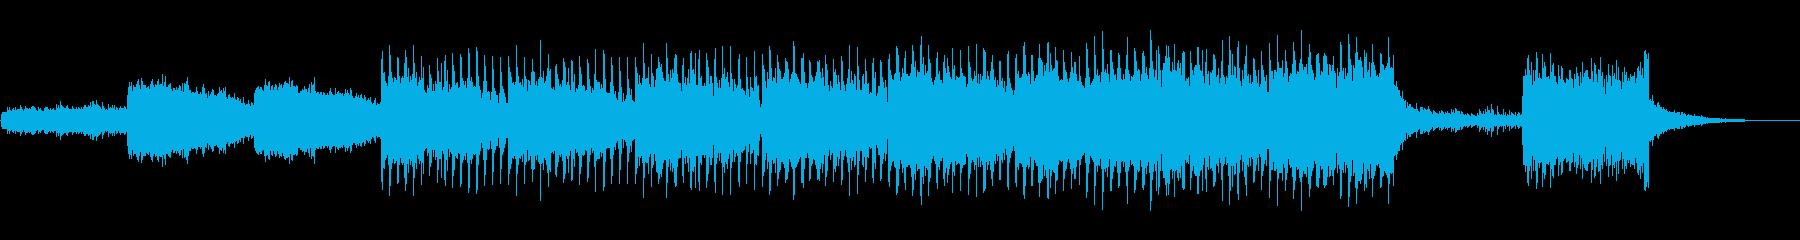 シネマティック サスペンス 不気味の再生済みの波形